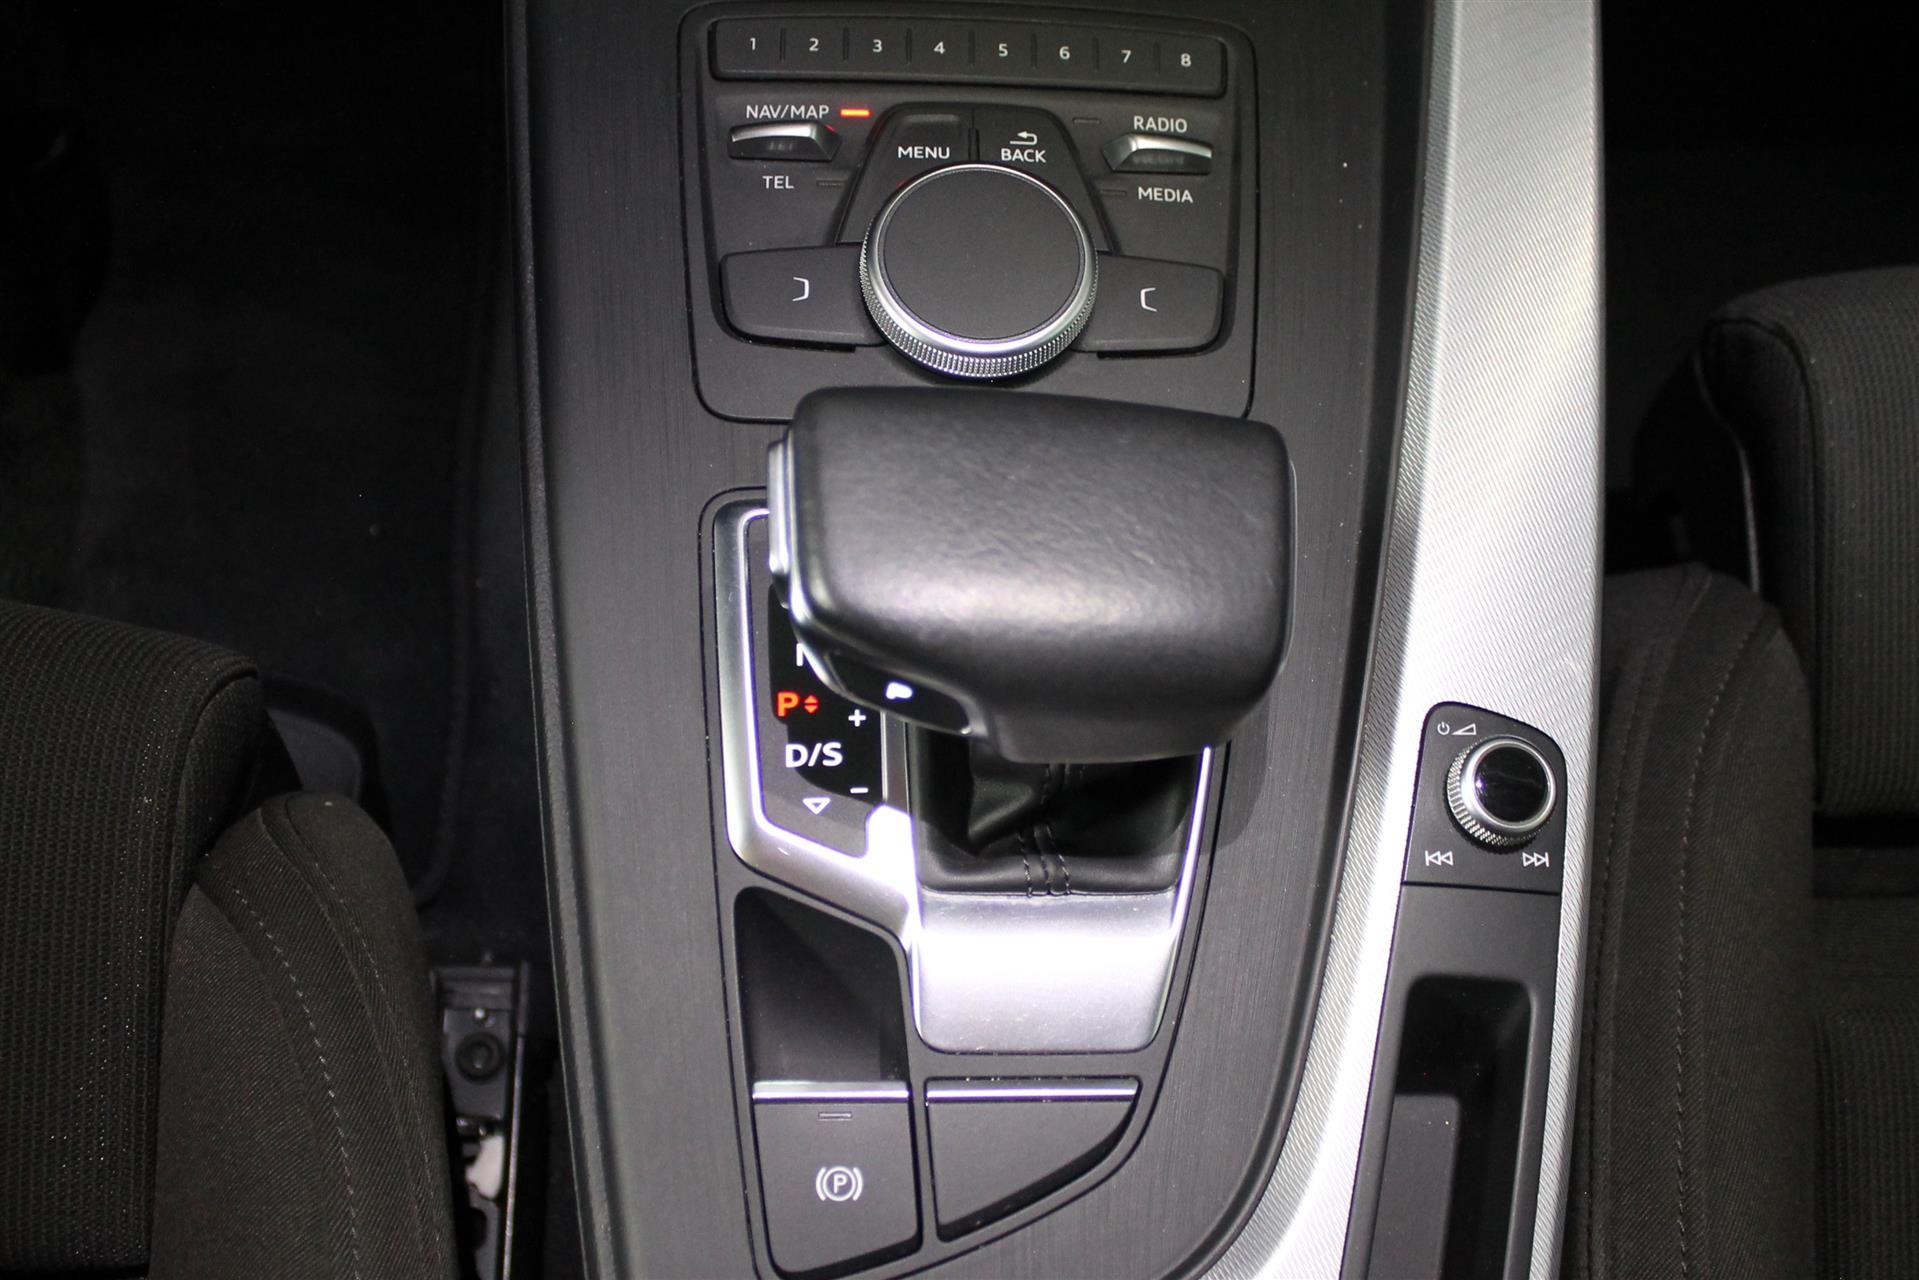 2,0 TDI S Tronic 190HK 6g Aut. image5